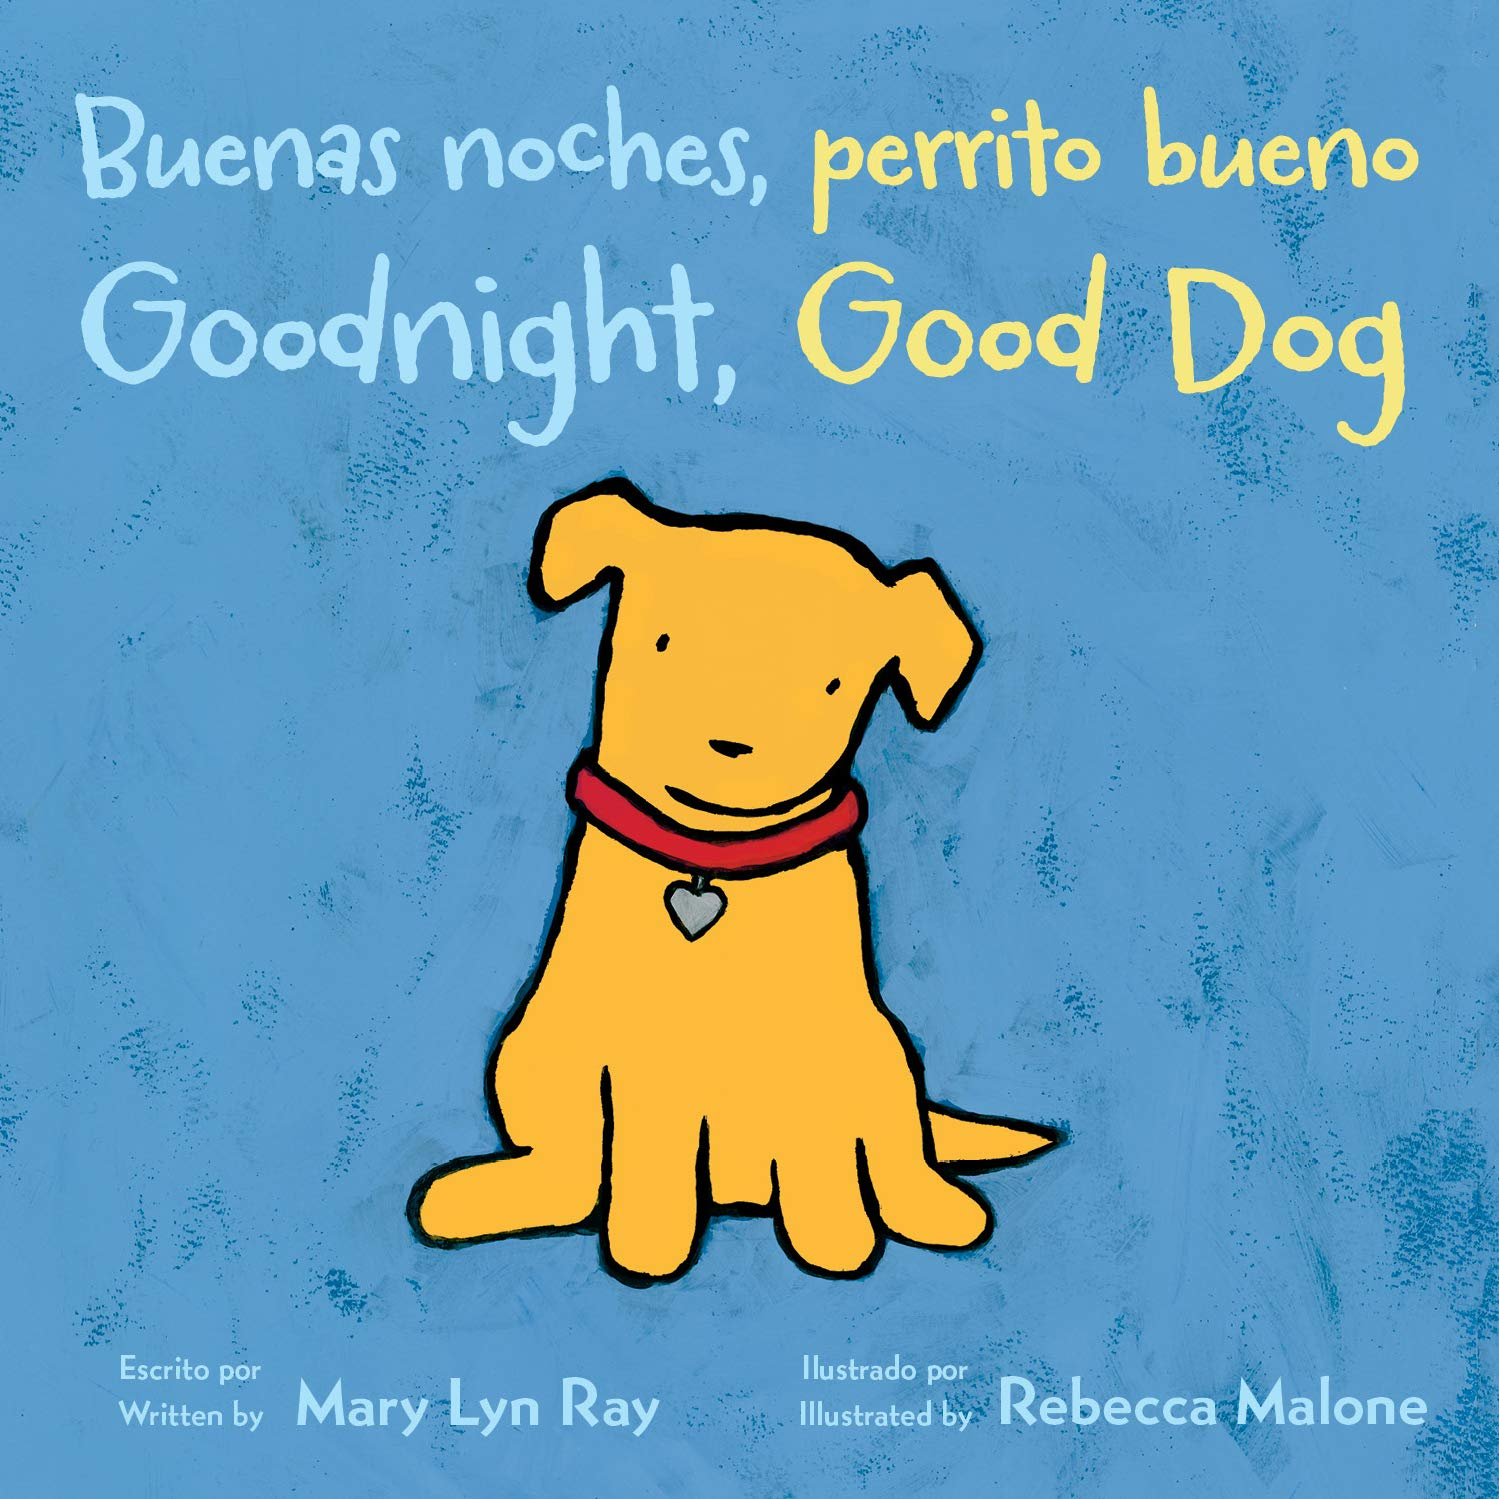 Buenas noches, perrito bueno/Goodnight, Good Dog (bilingual board book) (Spanish and English Edition)